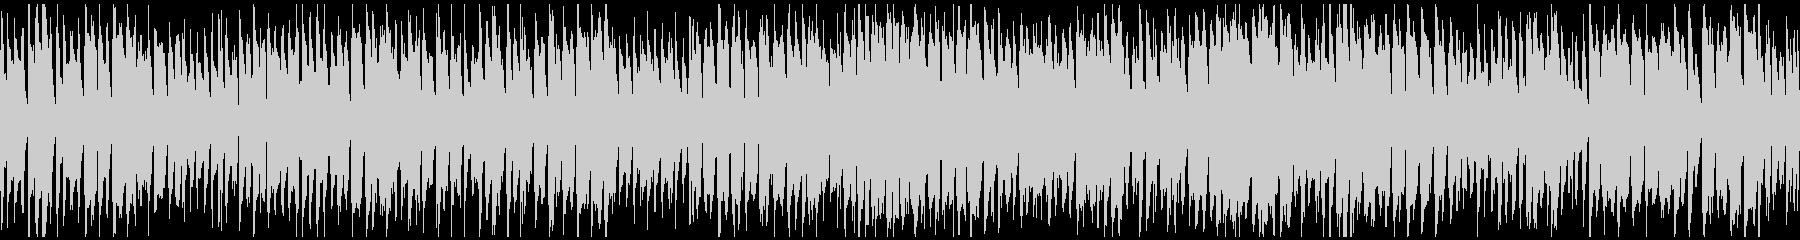 陽気コメディ系サックスポップス※ループ版の未再生の波形